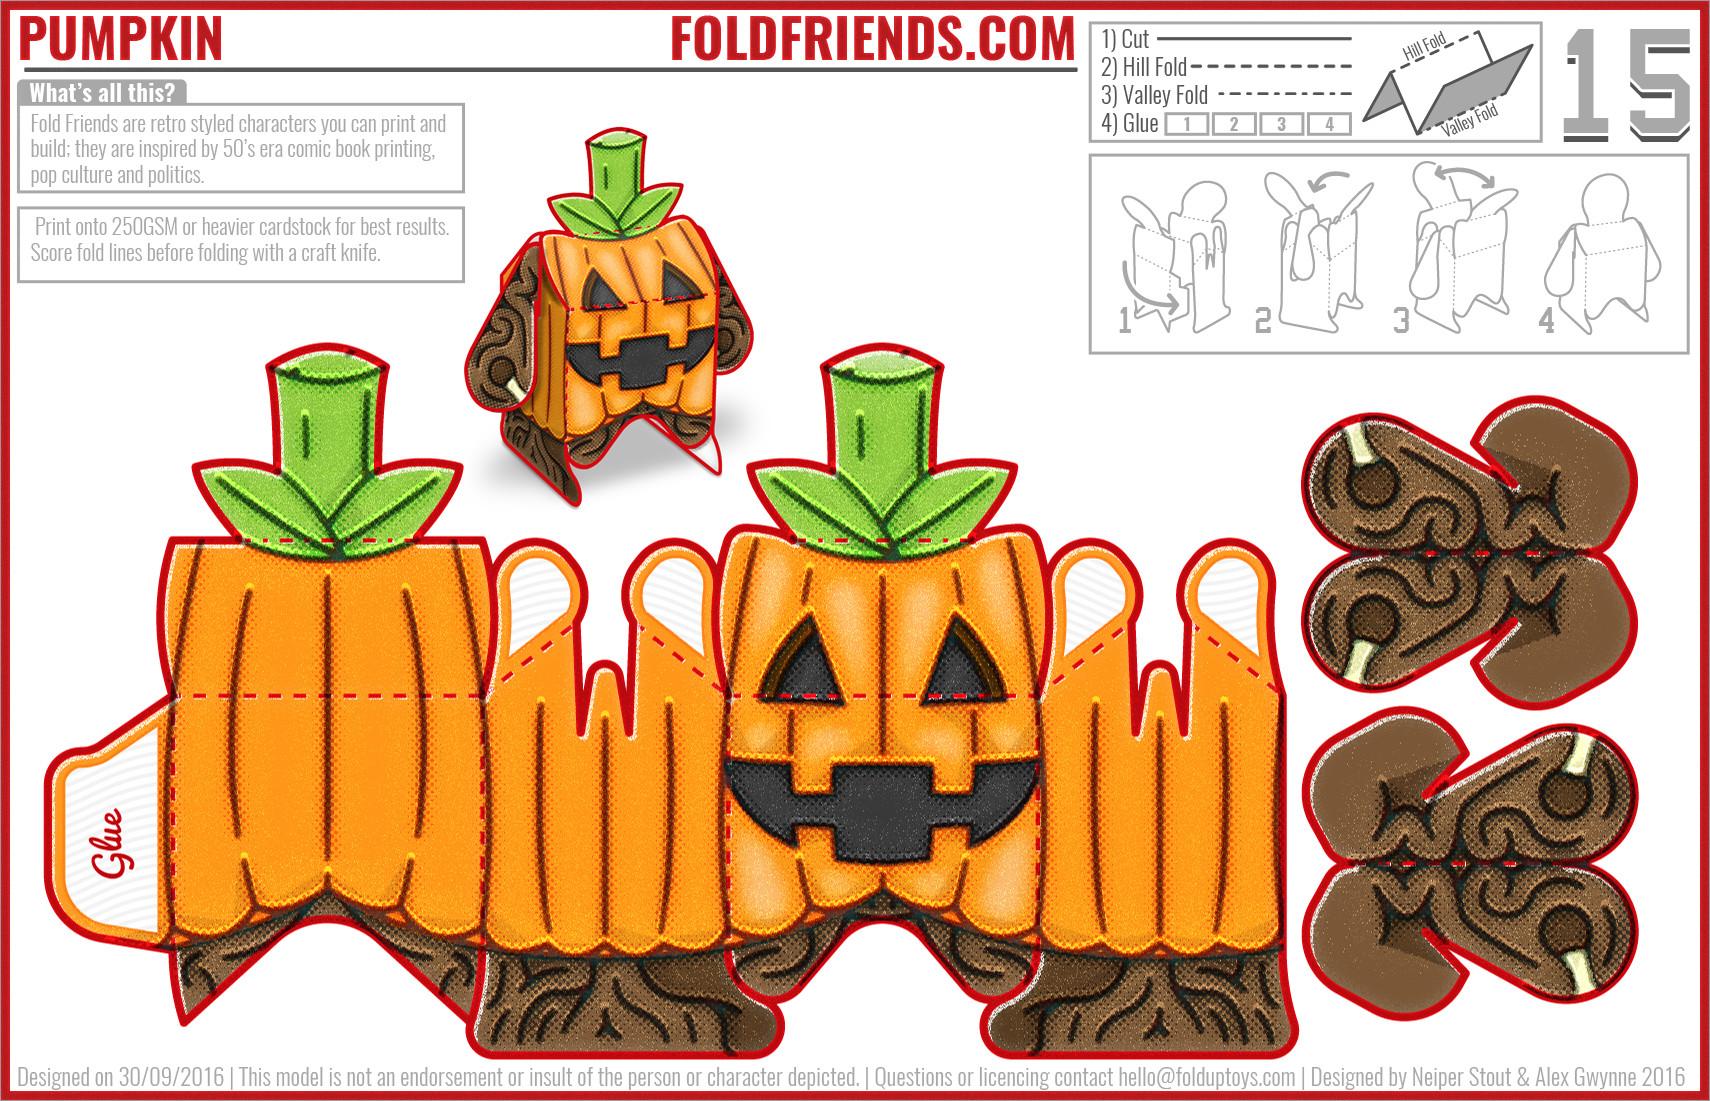 Pumpkin Papercraft Halloween toys 2 Pumpkin Monster Papercraft